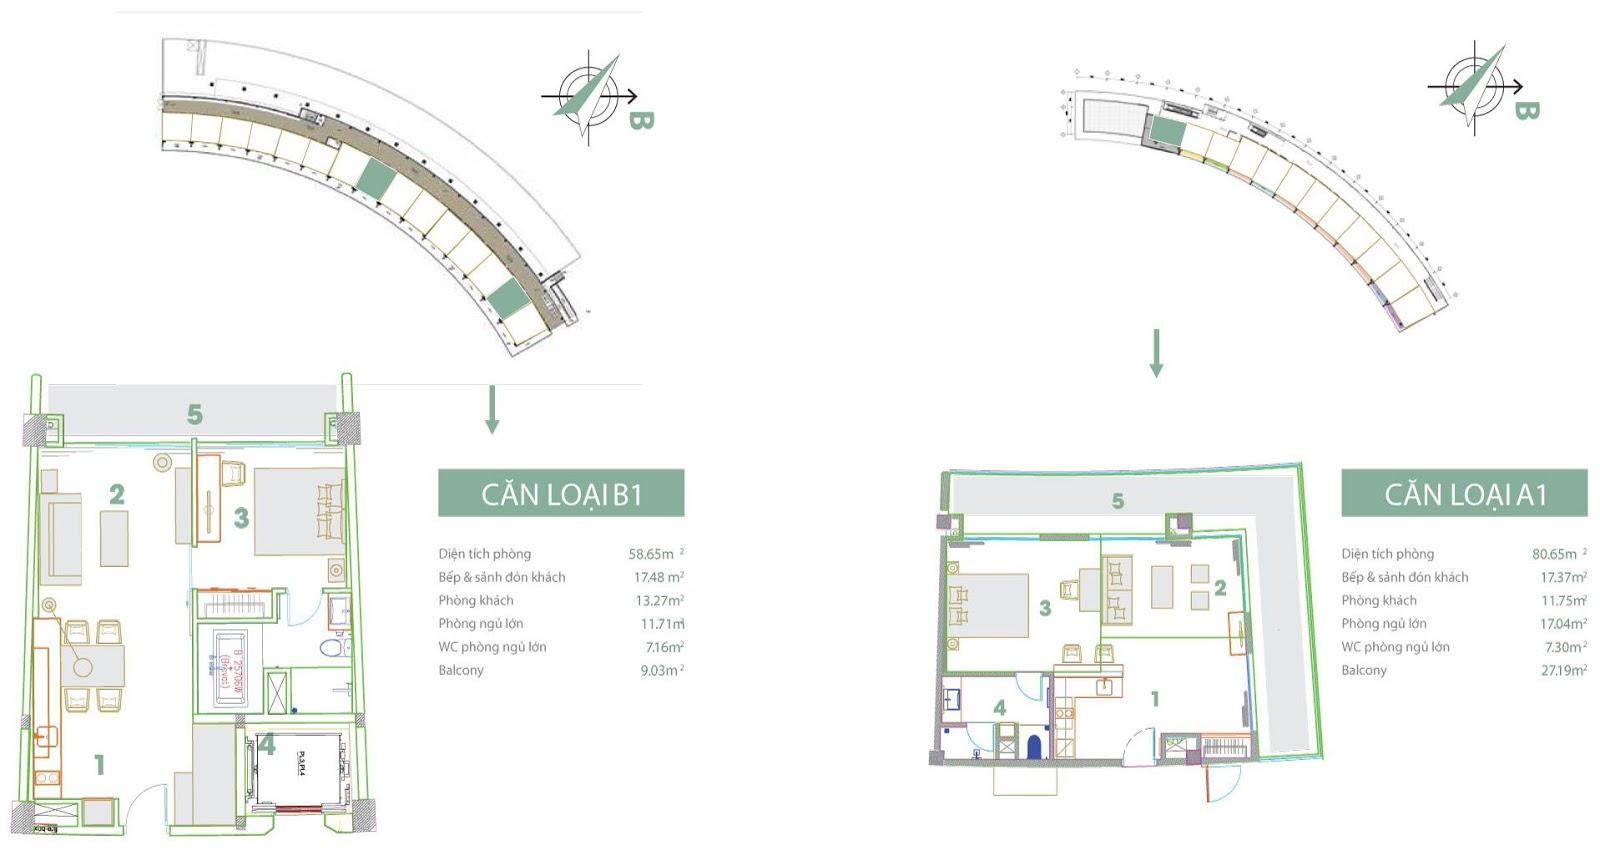 Mặt bằng thiết kế căn hộ loại A1 và B1 Condotel 7 tầng